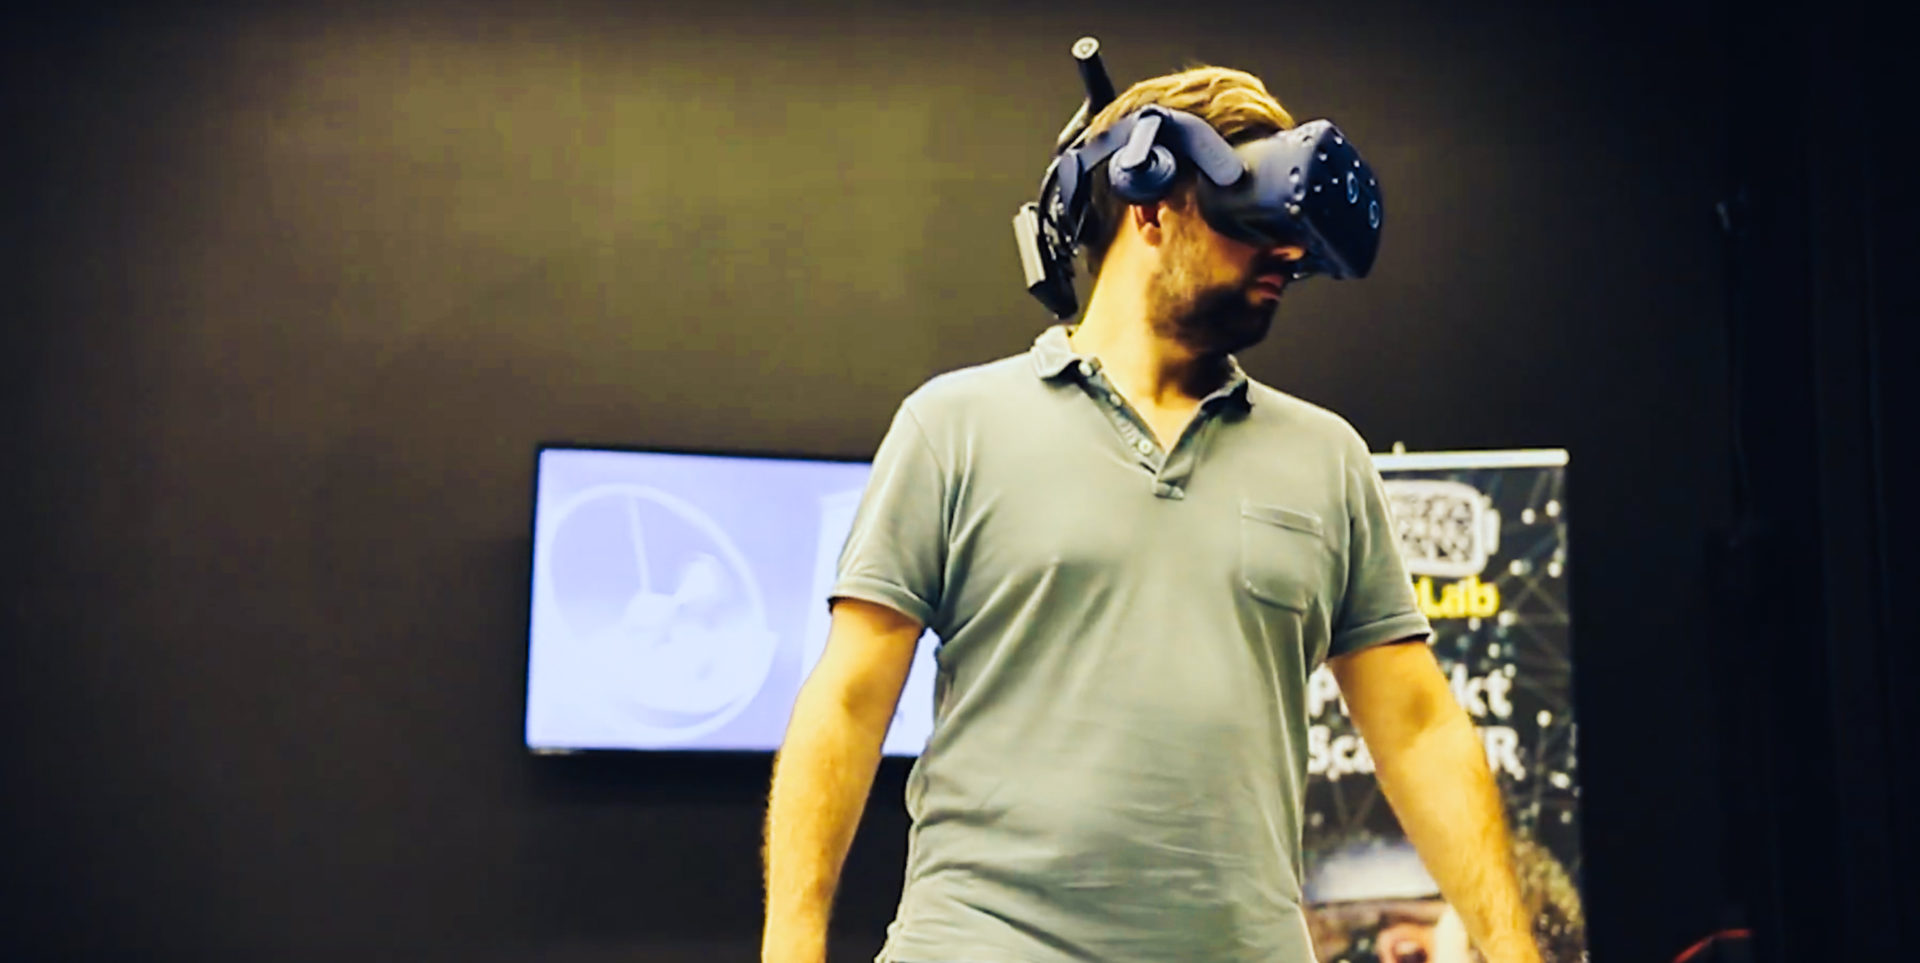 Männliche Persion mit VR-Brille